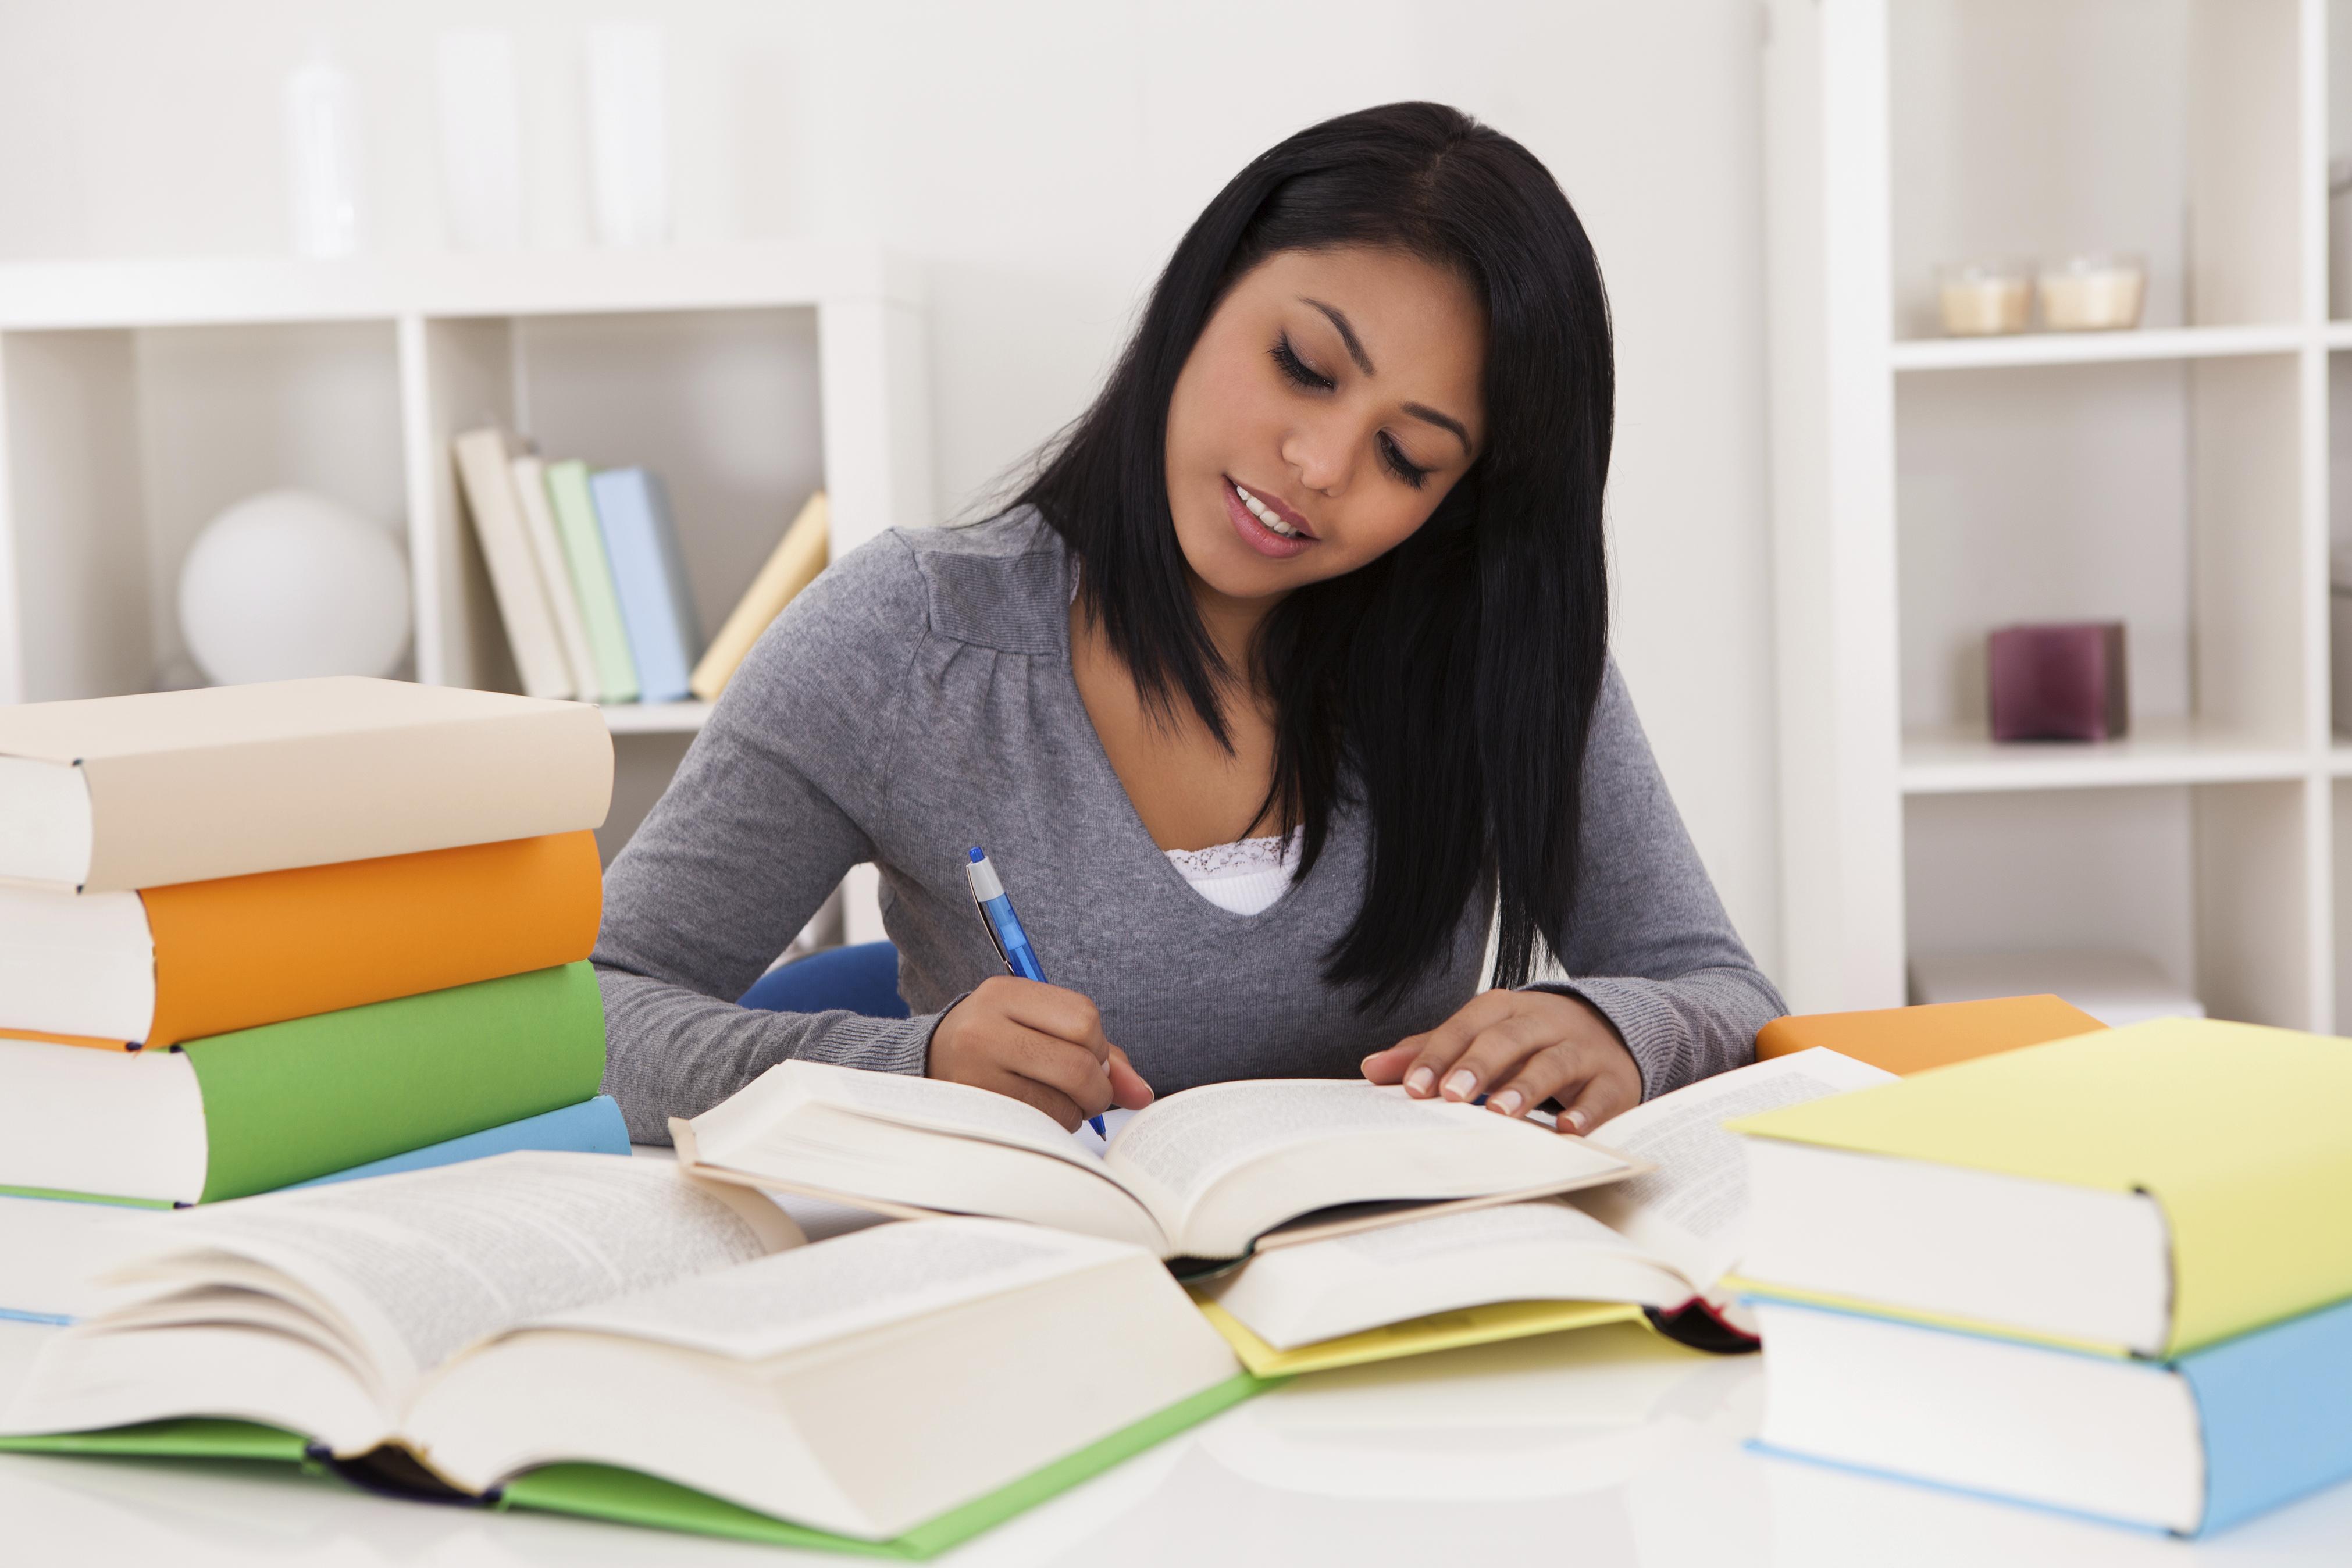 勉強だけに集中できる